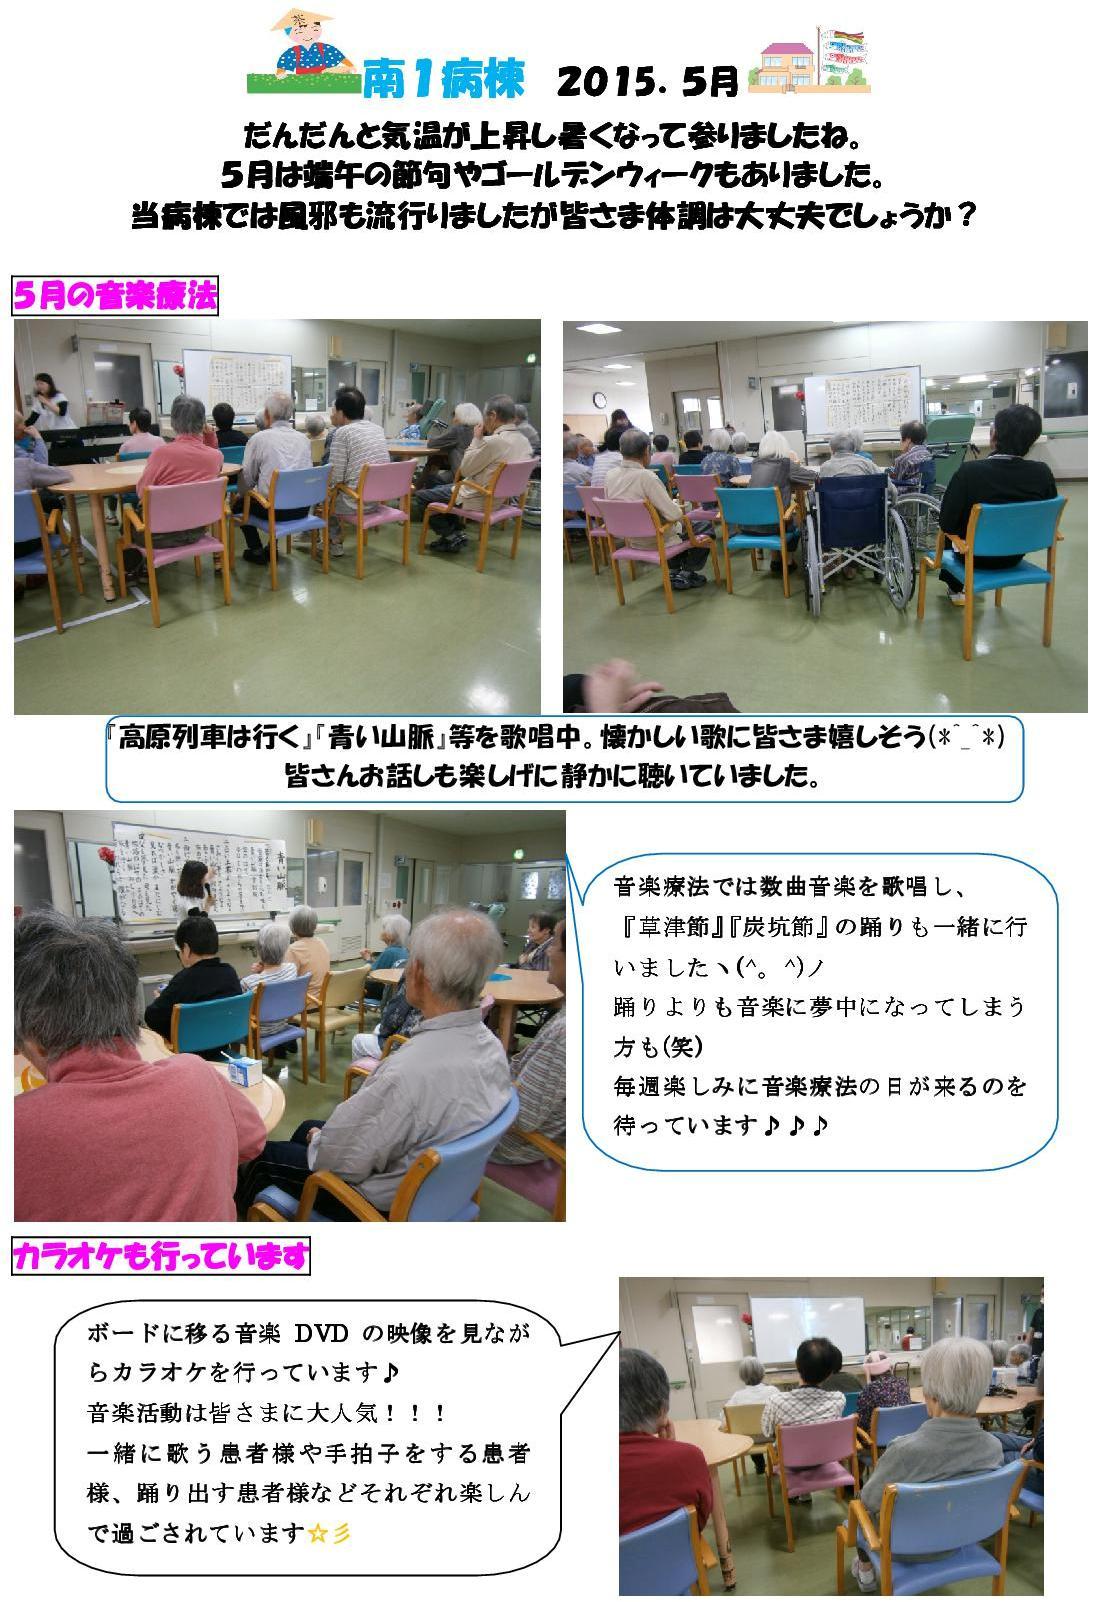 minami1_working_201505